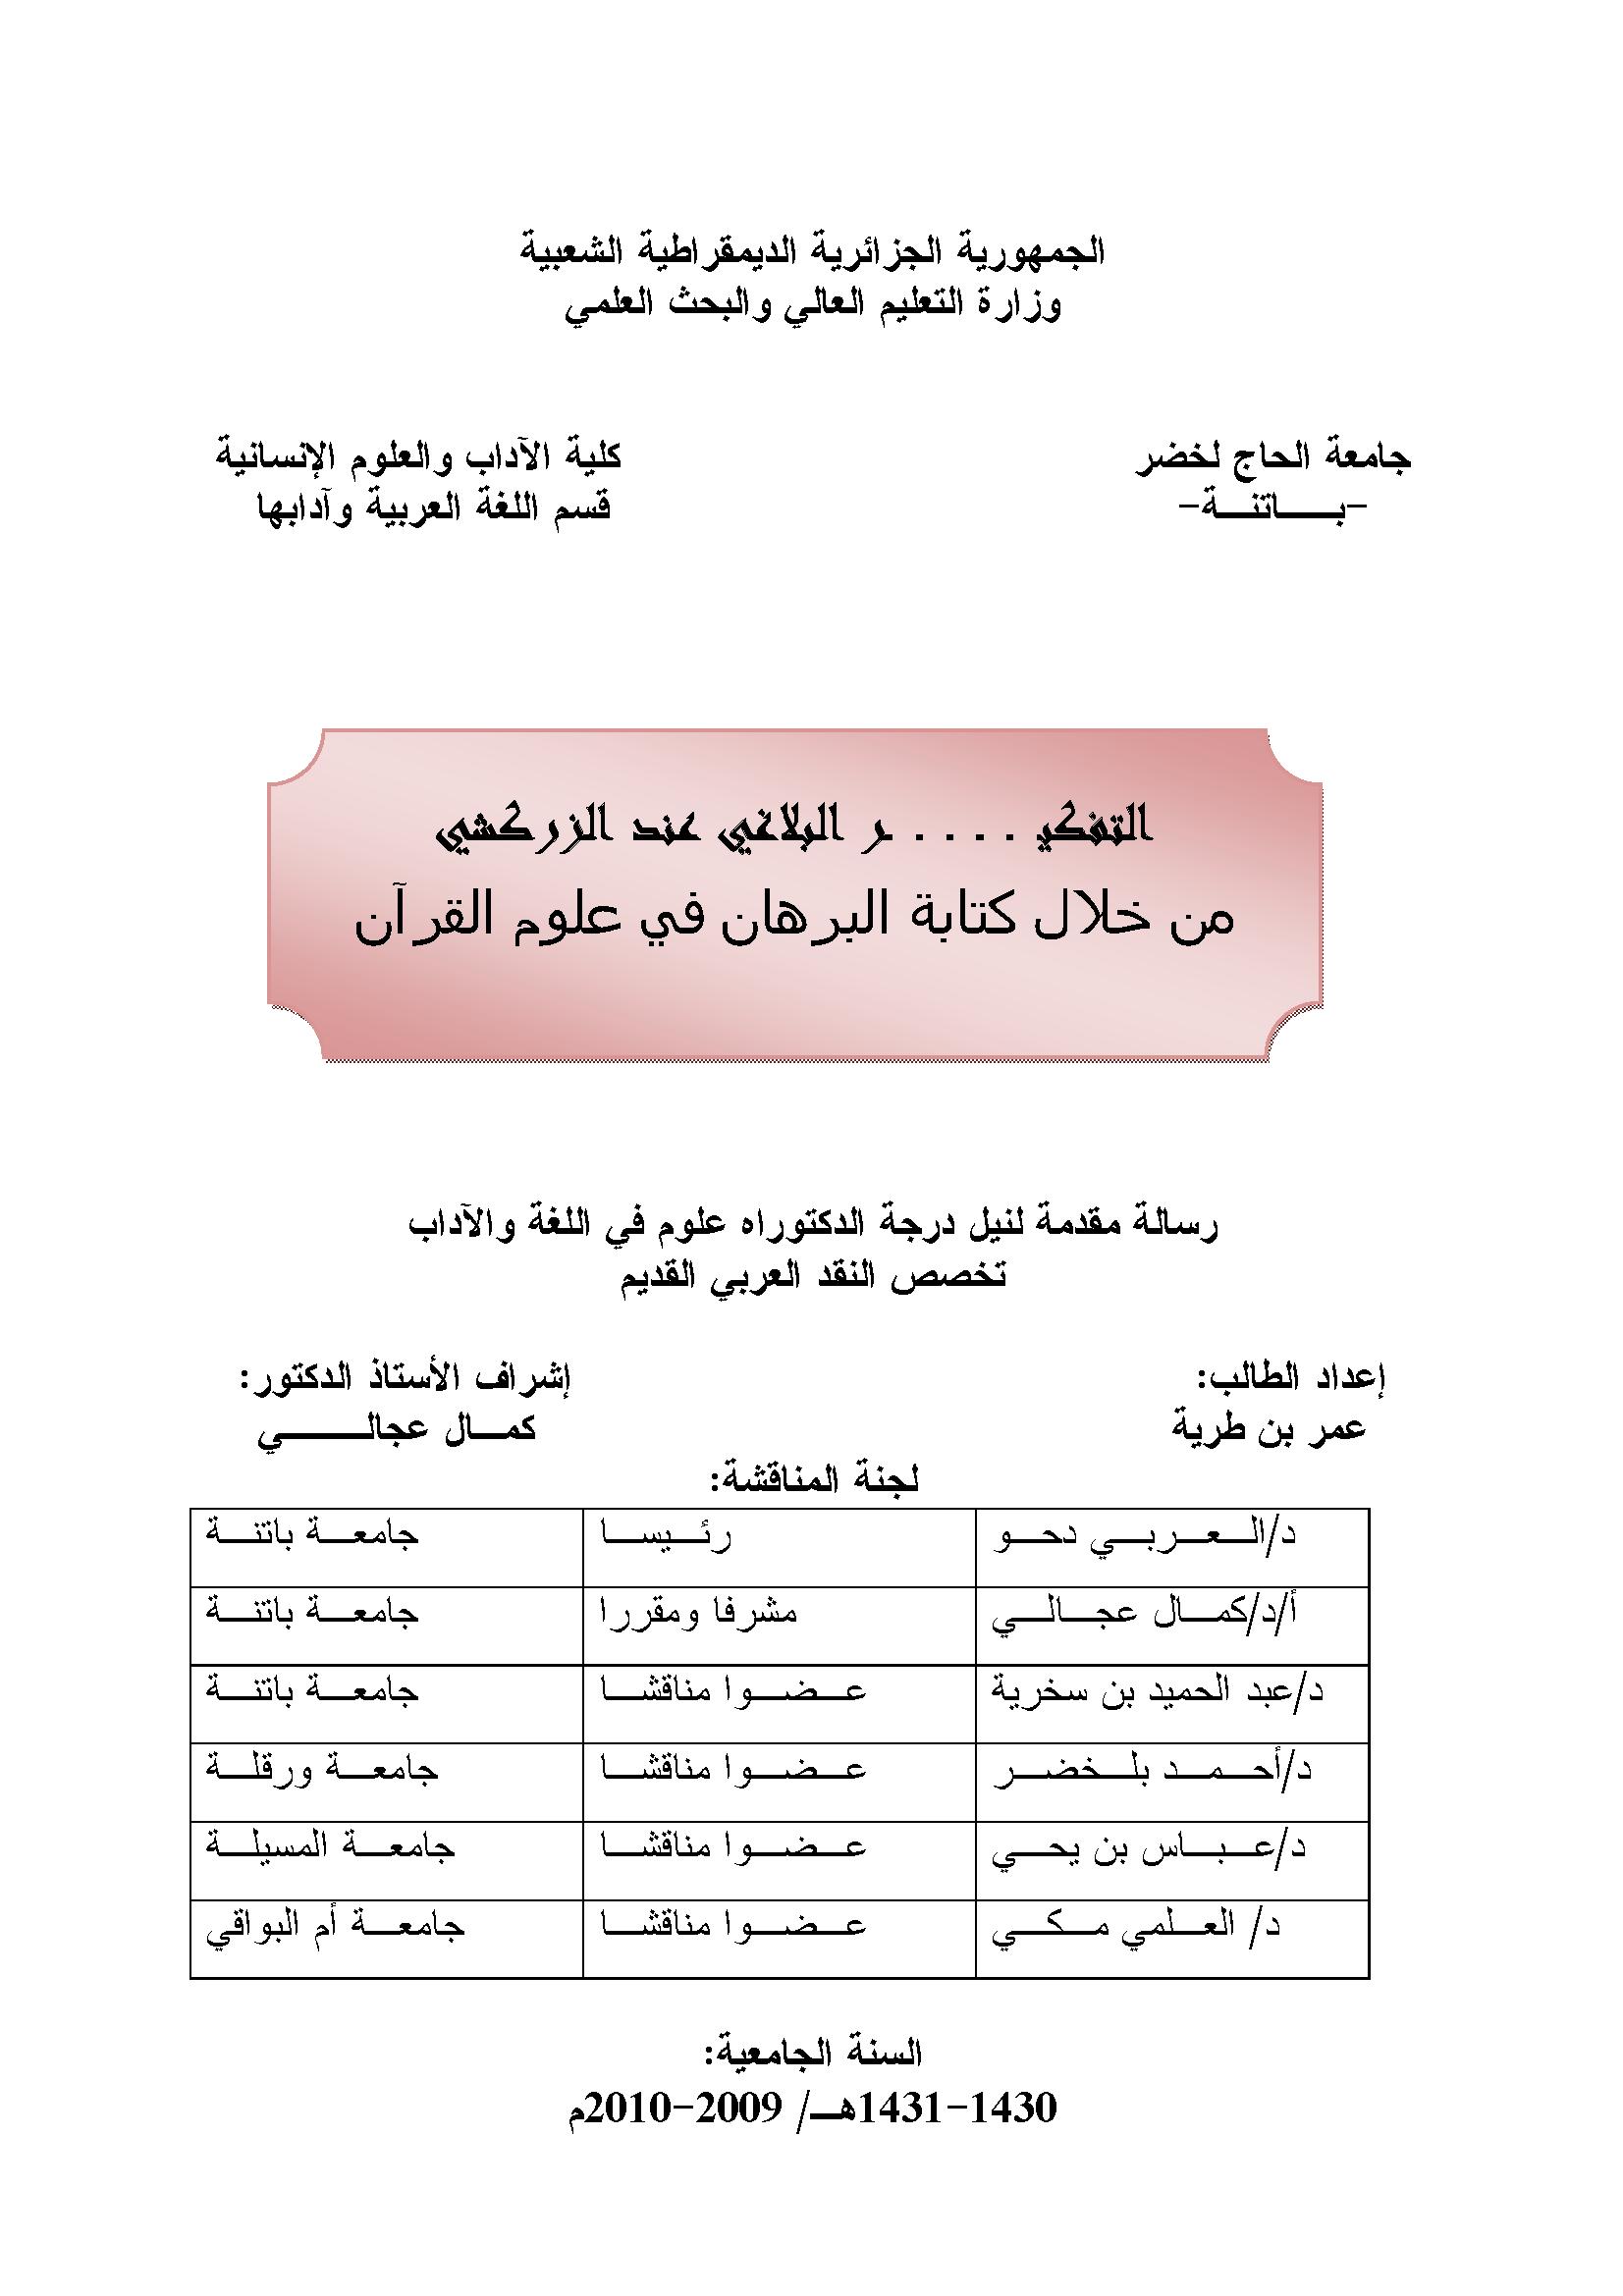 تحميل كتاب التفكير البلاغي عند الزركشي من خلال كتابه «البرهان في علوم القرآن» لـِ: الدكتور عمر بن طرية